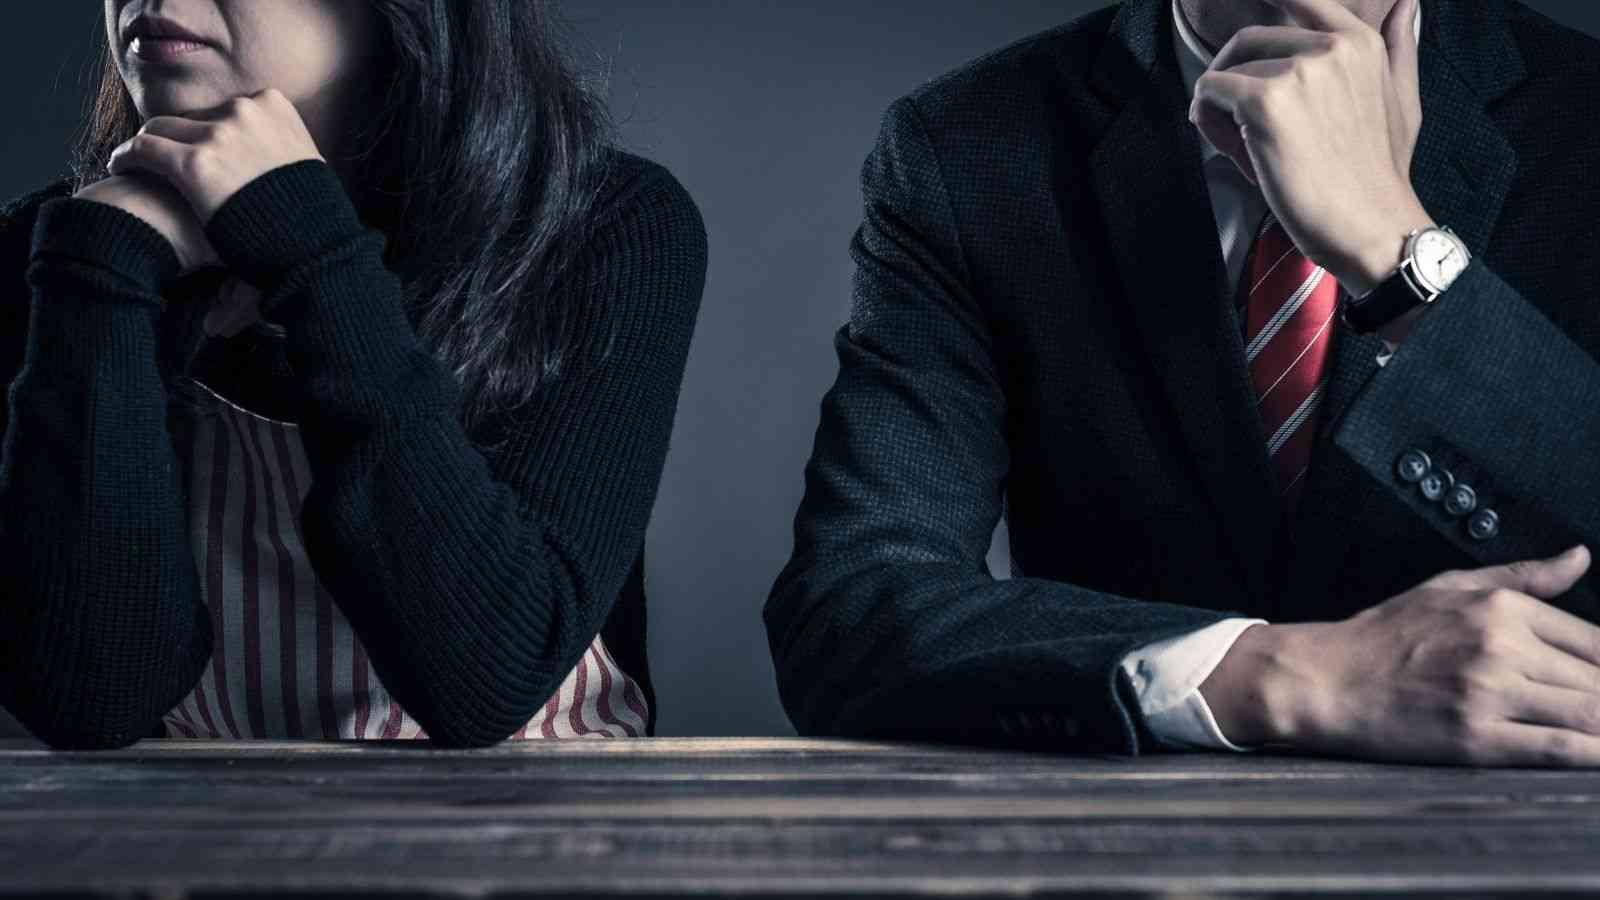 「離婚」で妻を脅し続けてきた56歳男性の末路 | AERA dot. | 東洋経済オンライン | 経済ニュースの新基準